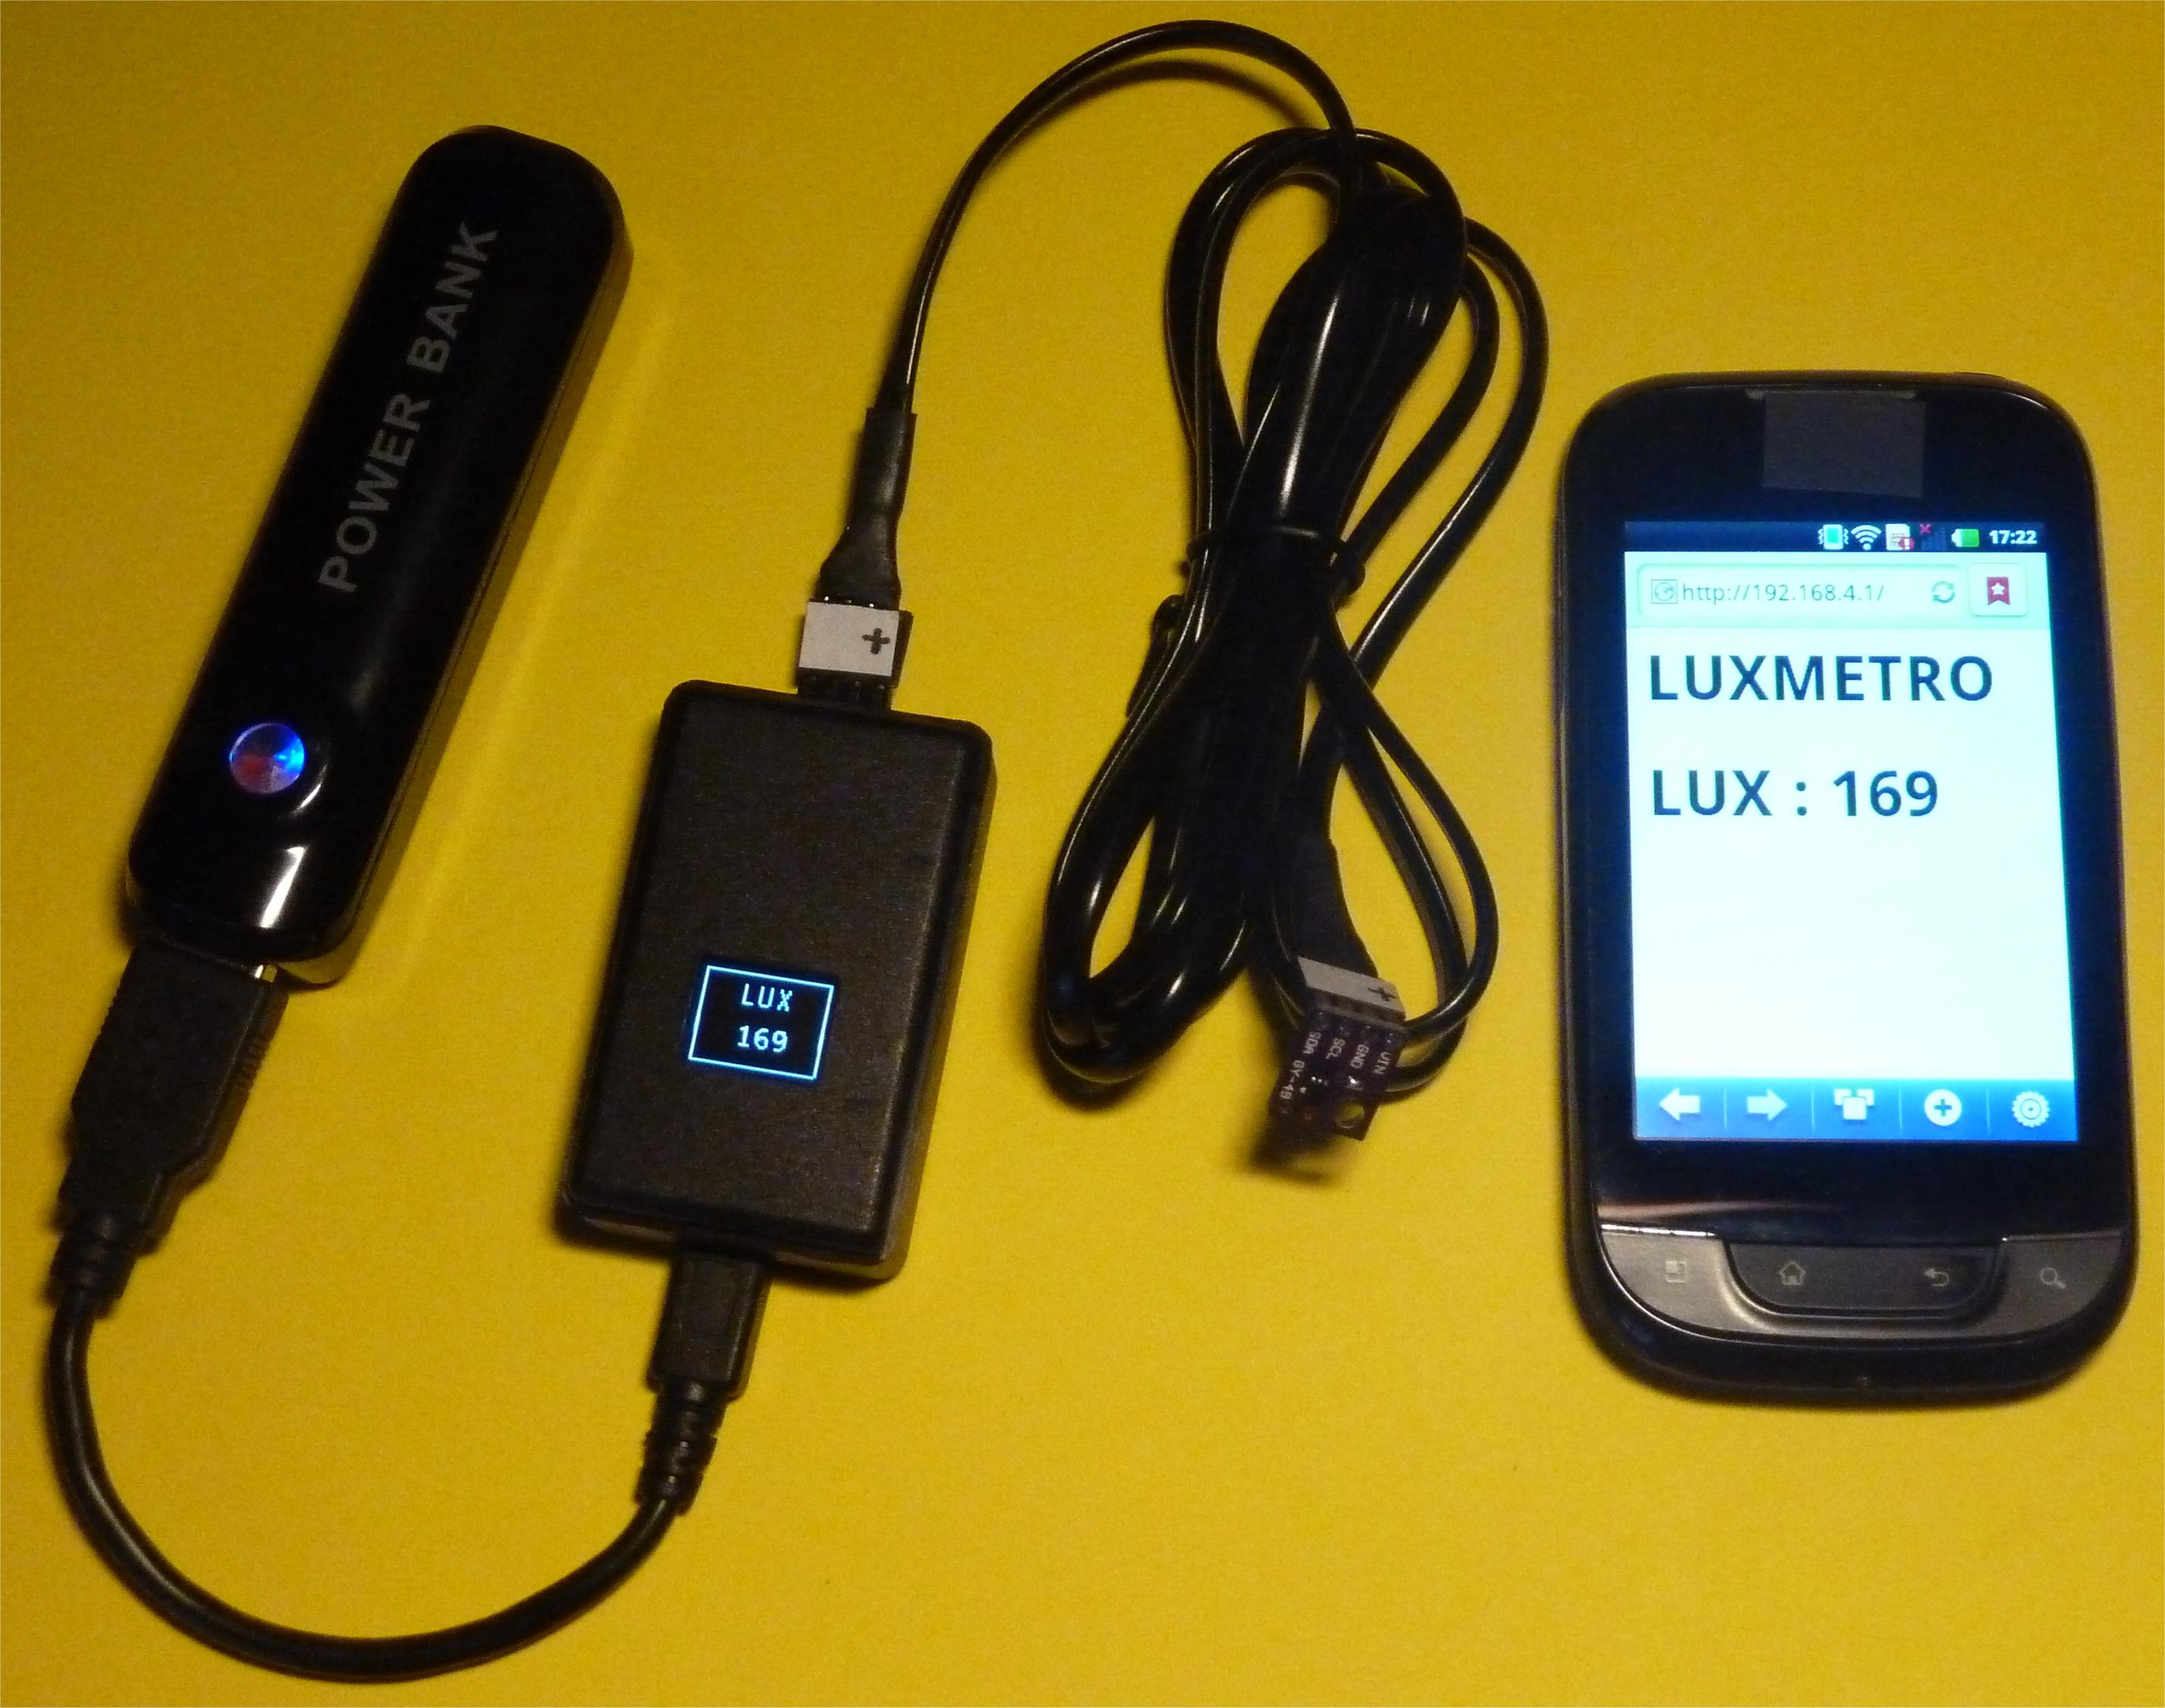 Luxmetro WiFi WeMos D1 mini